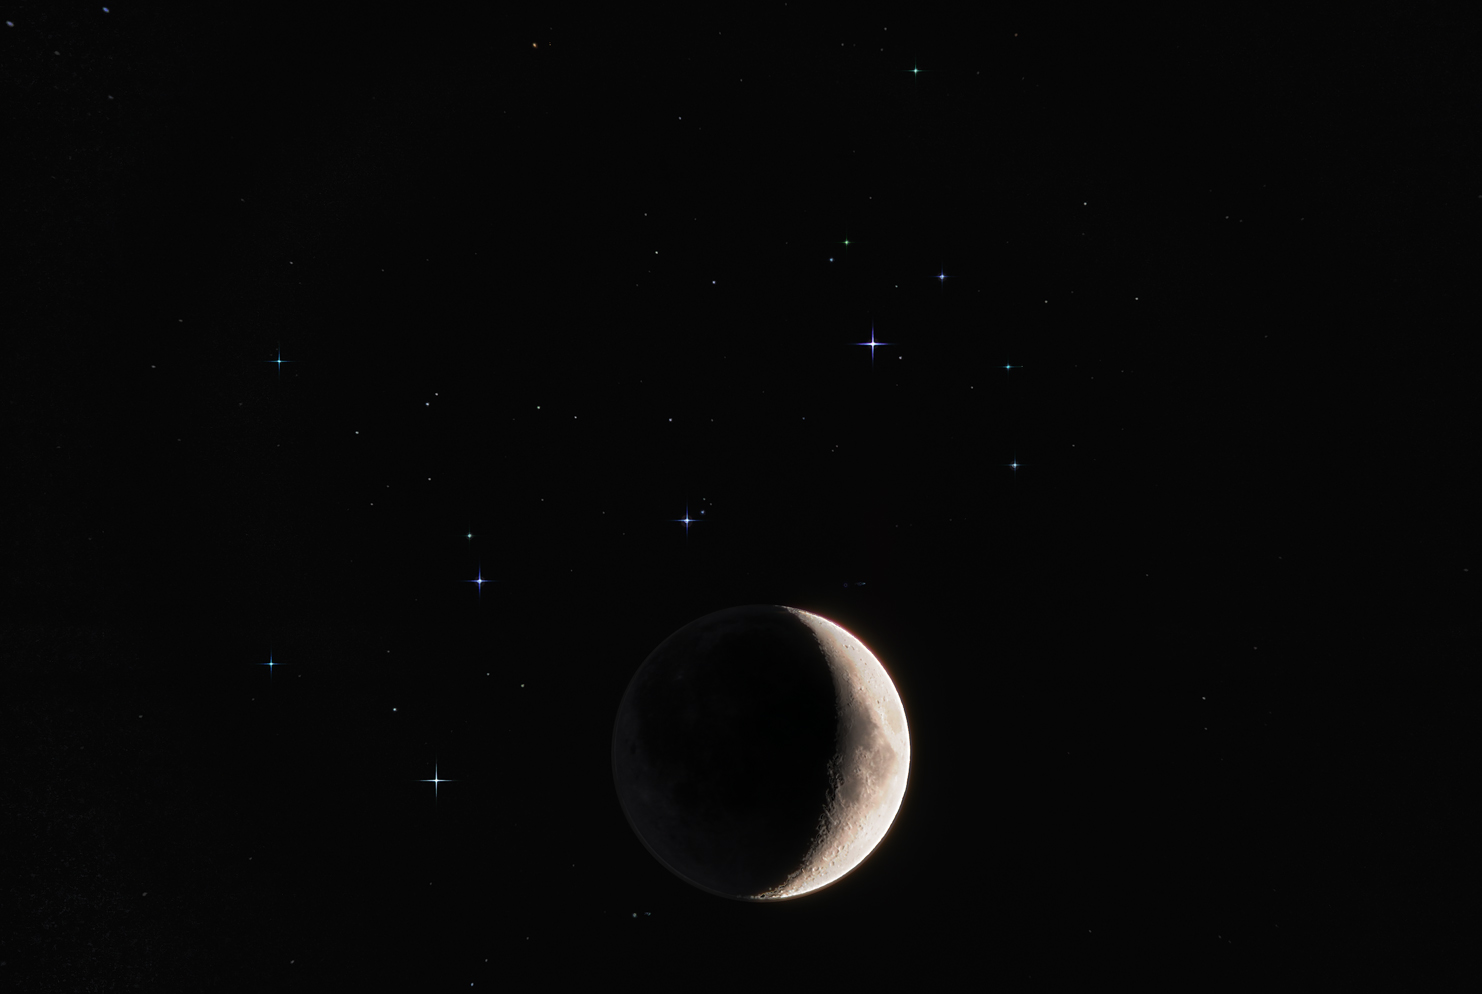 LunarPleiadesMorris